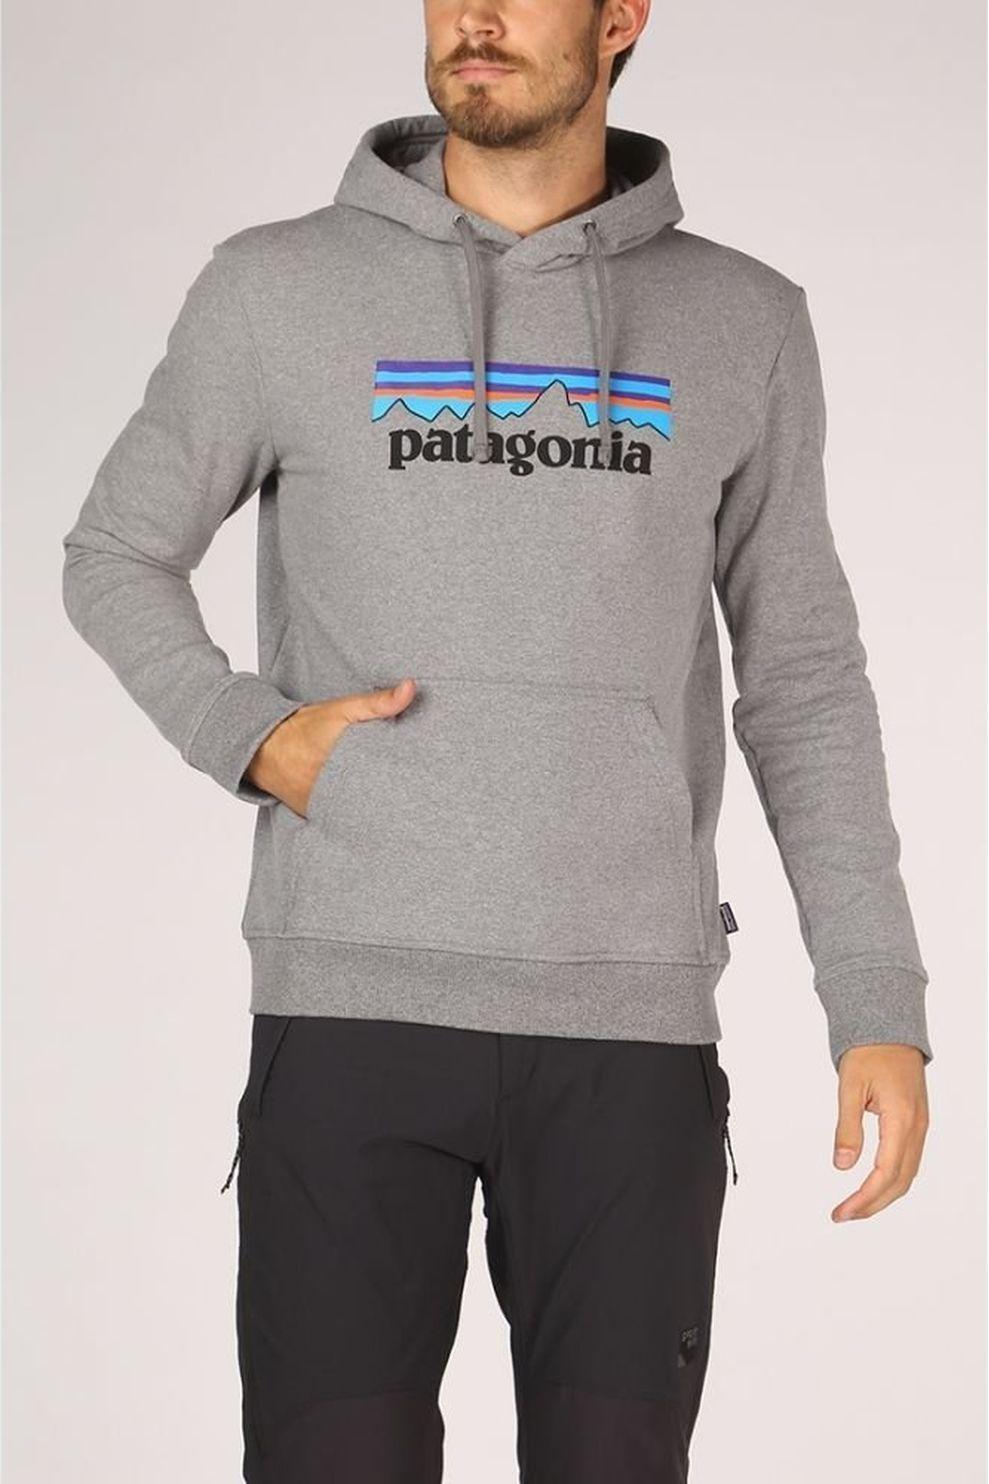 Patagonia Trui P6 Label Uprisal Hoody voor heren - Grijs - Maten: XS, S, M, XL